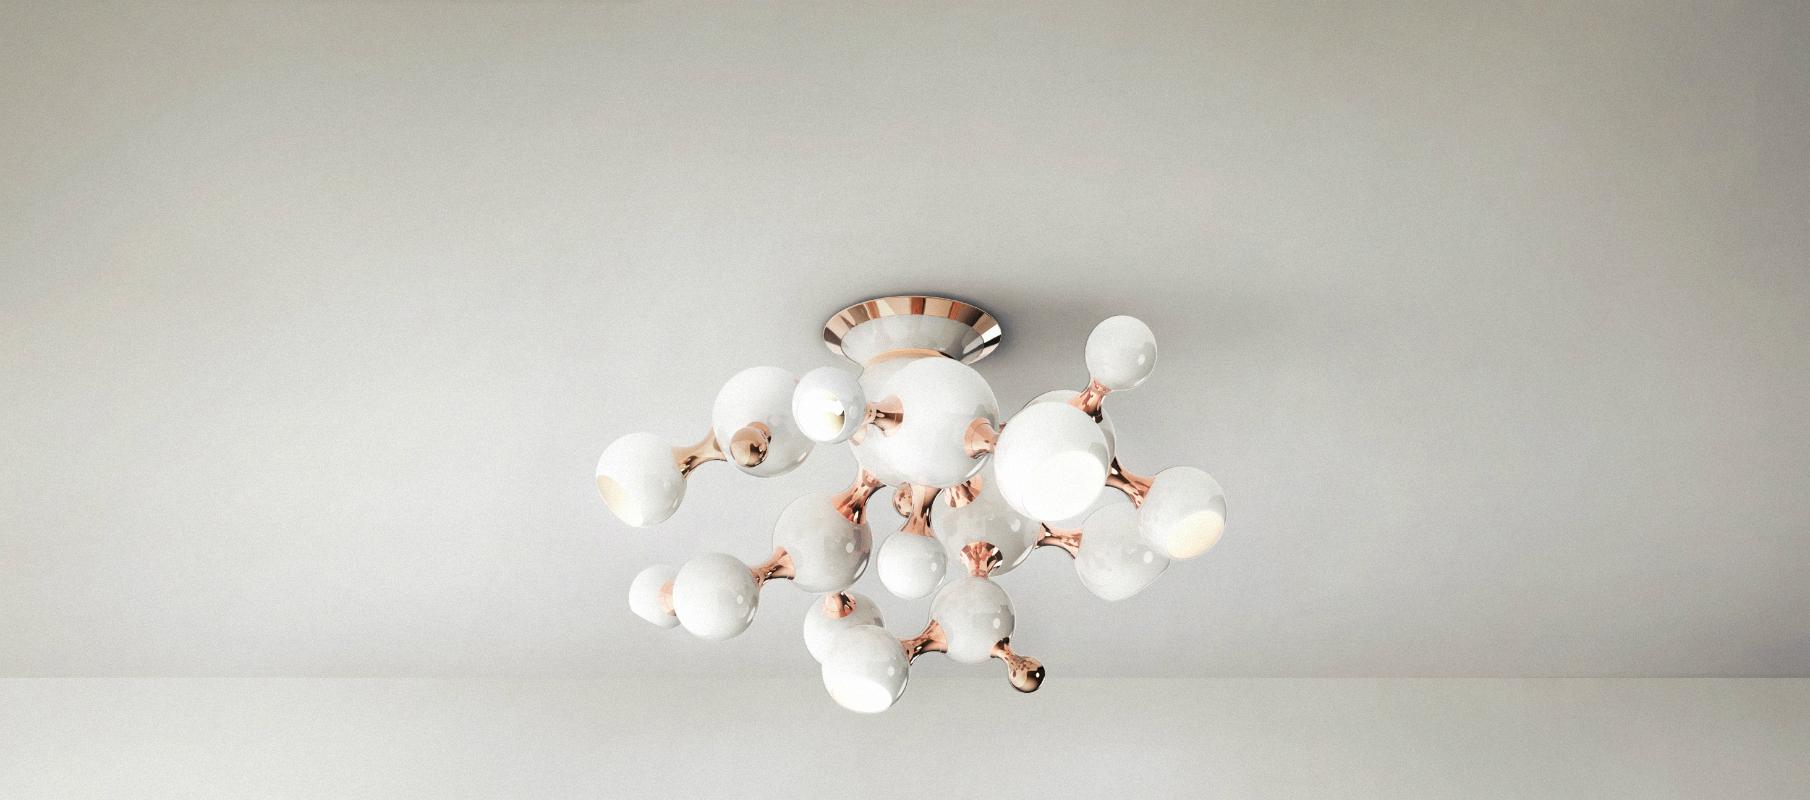 dicas de decoración Dicas de decoración : Lámparas Blancas para la decoración de invierno atomic ceiling ambience 02 HR